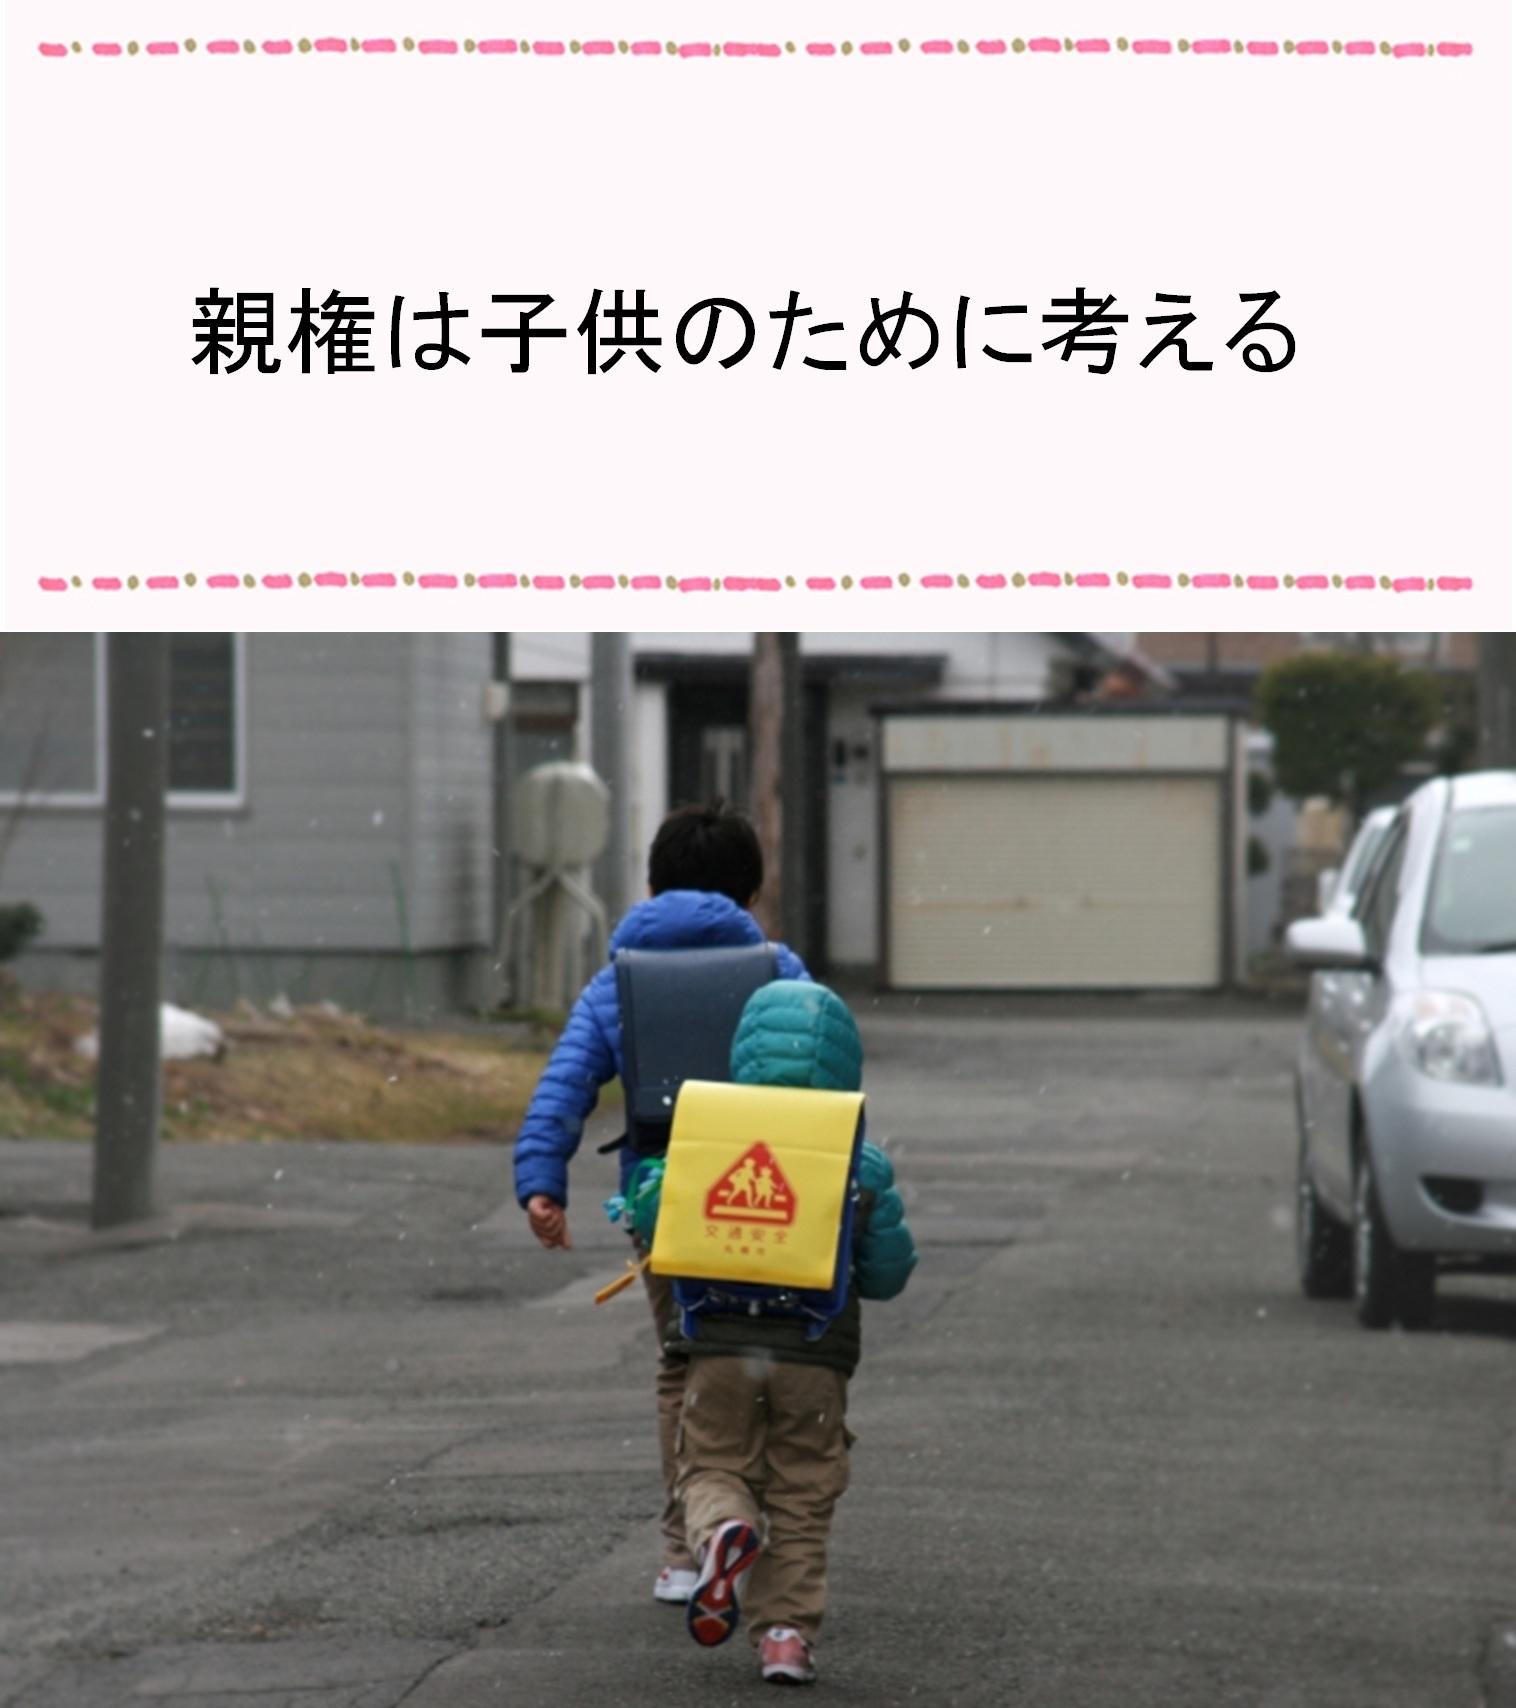 親権は子供のために考える